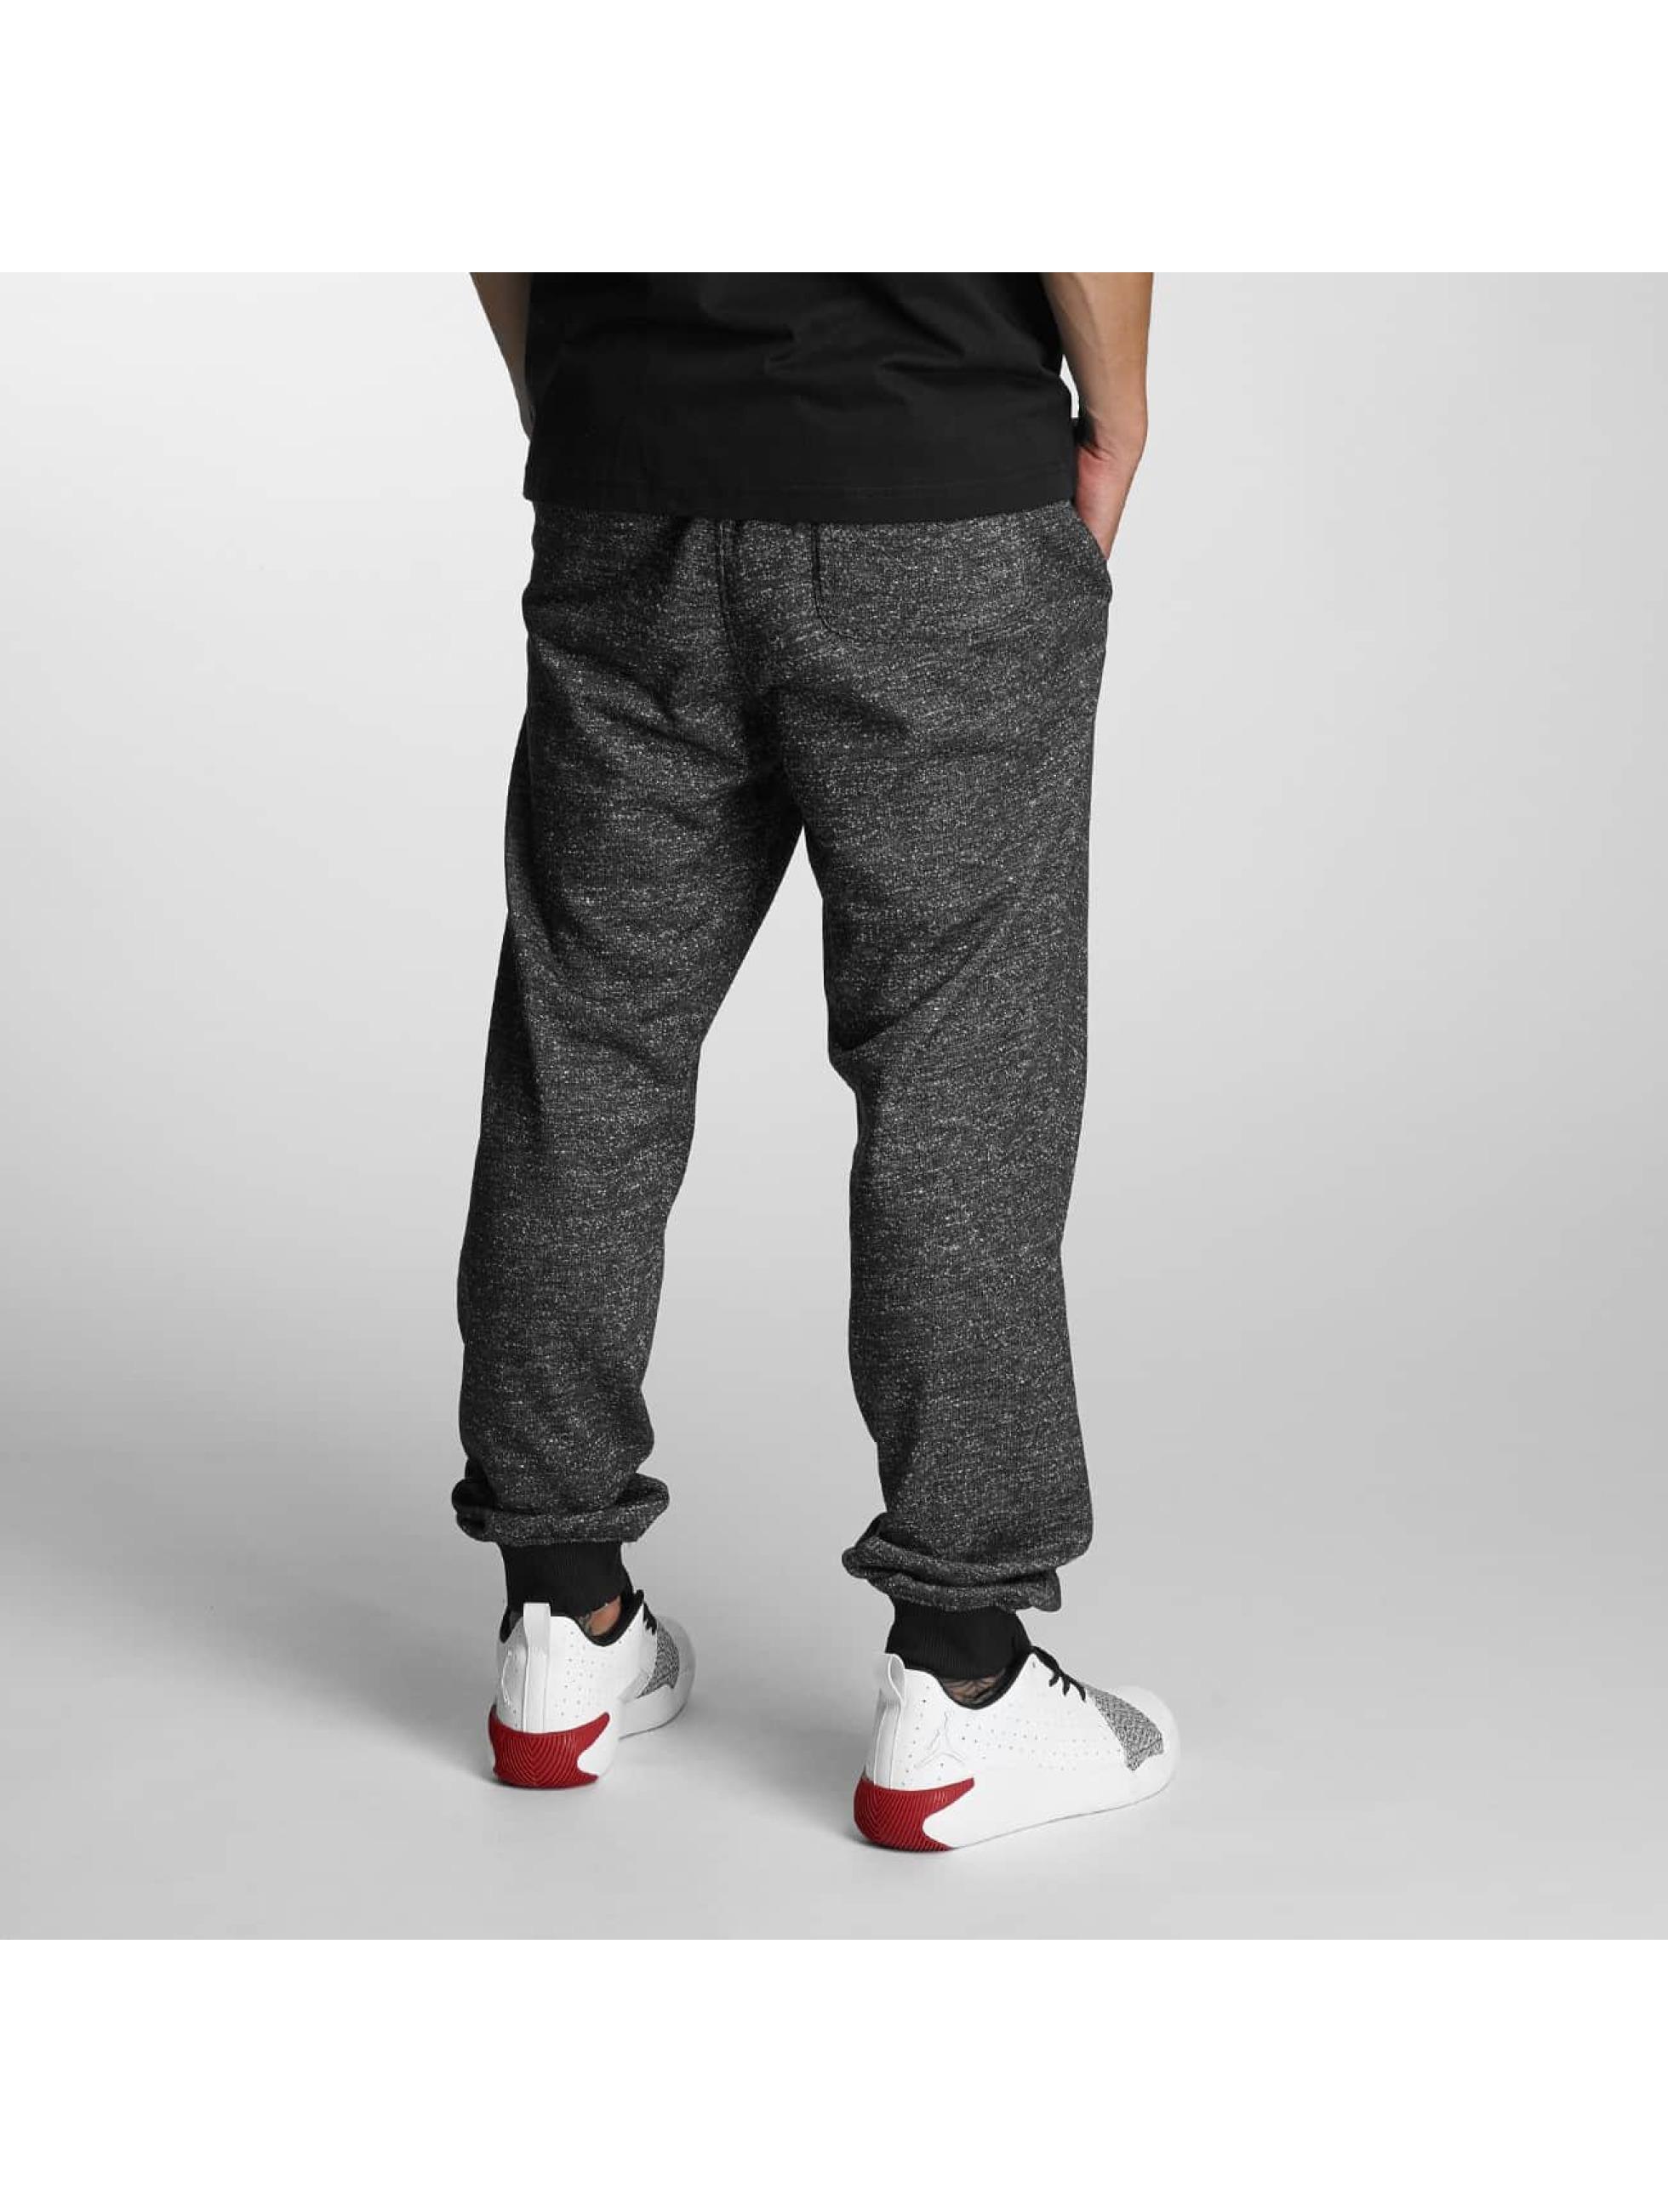 Southpole Pantalón deportivo Trapaholic negro